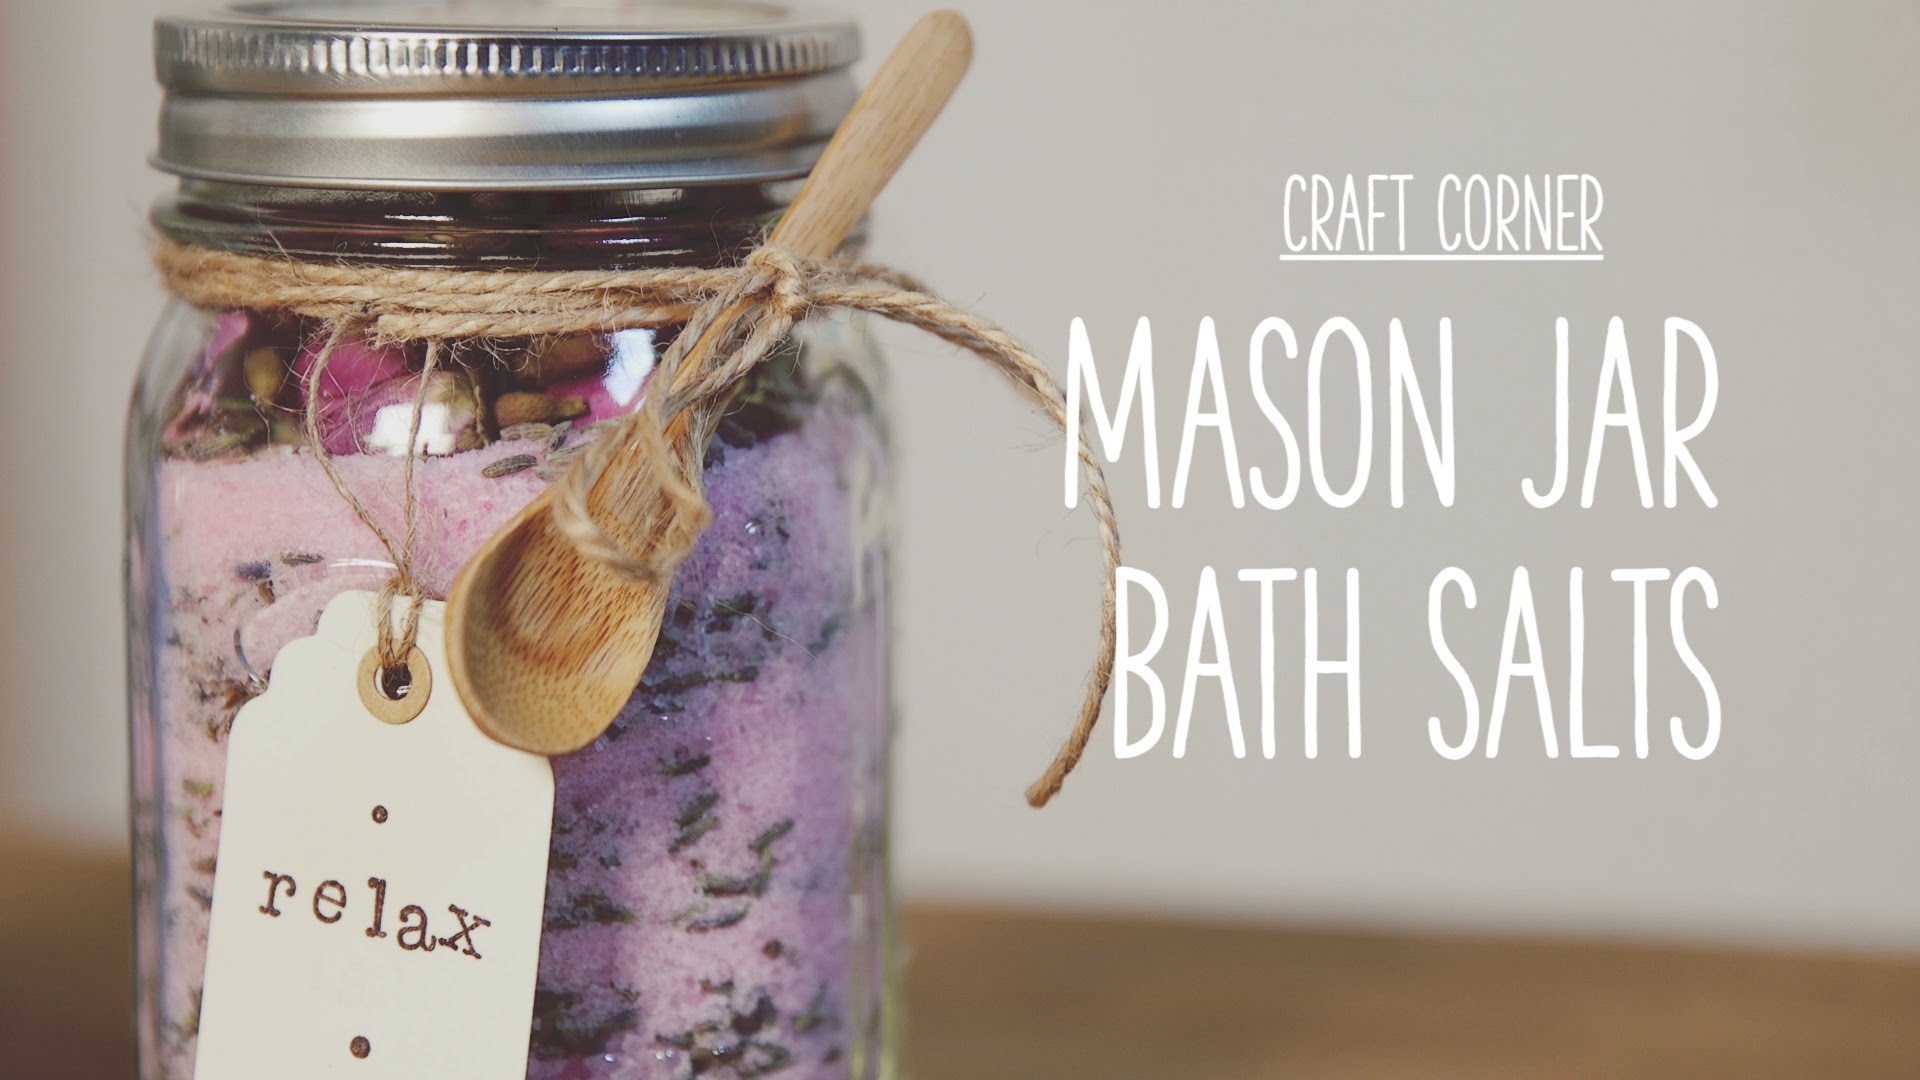 Craft Corner: How to make a mason jar bath salts - YouTube